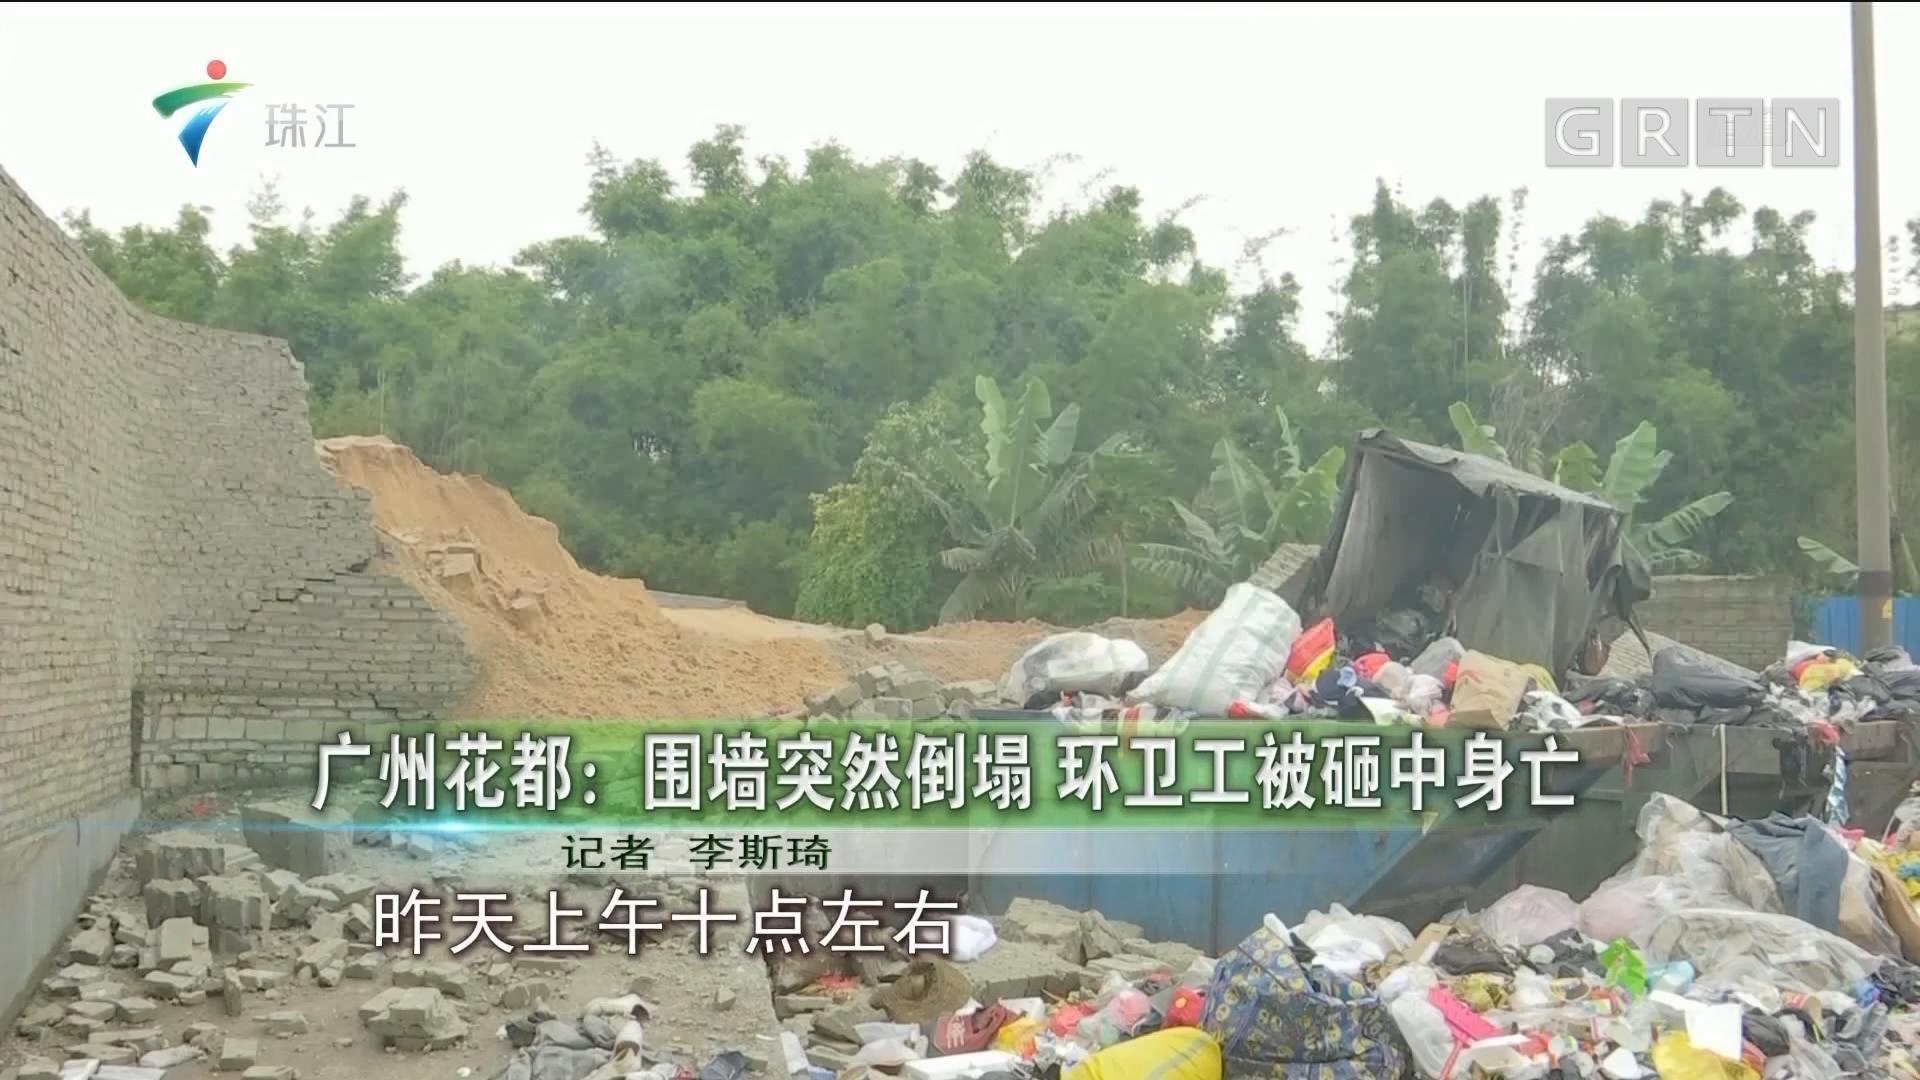 广州花都:围墙突然?#39038;?环卫工被砸中身亡